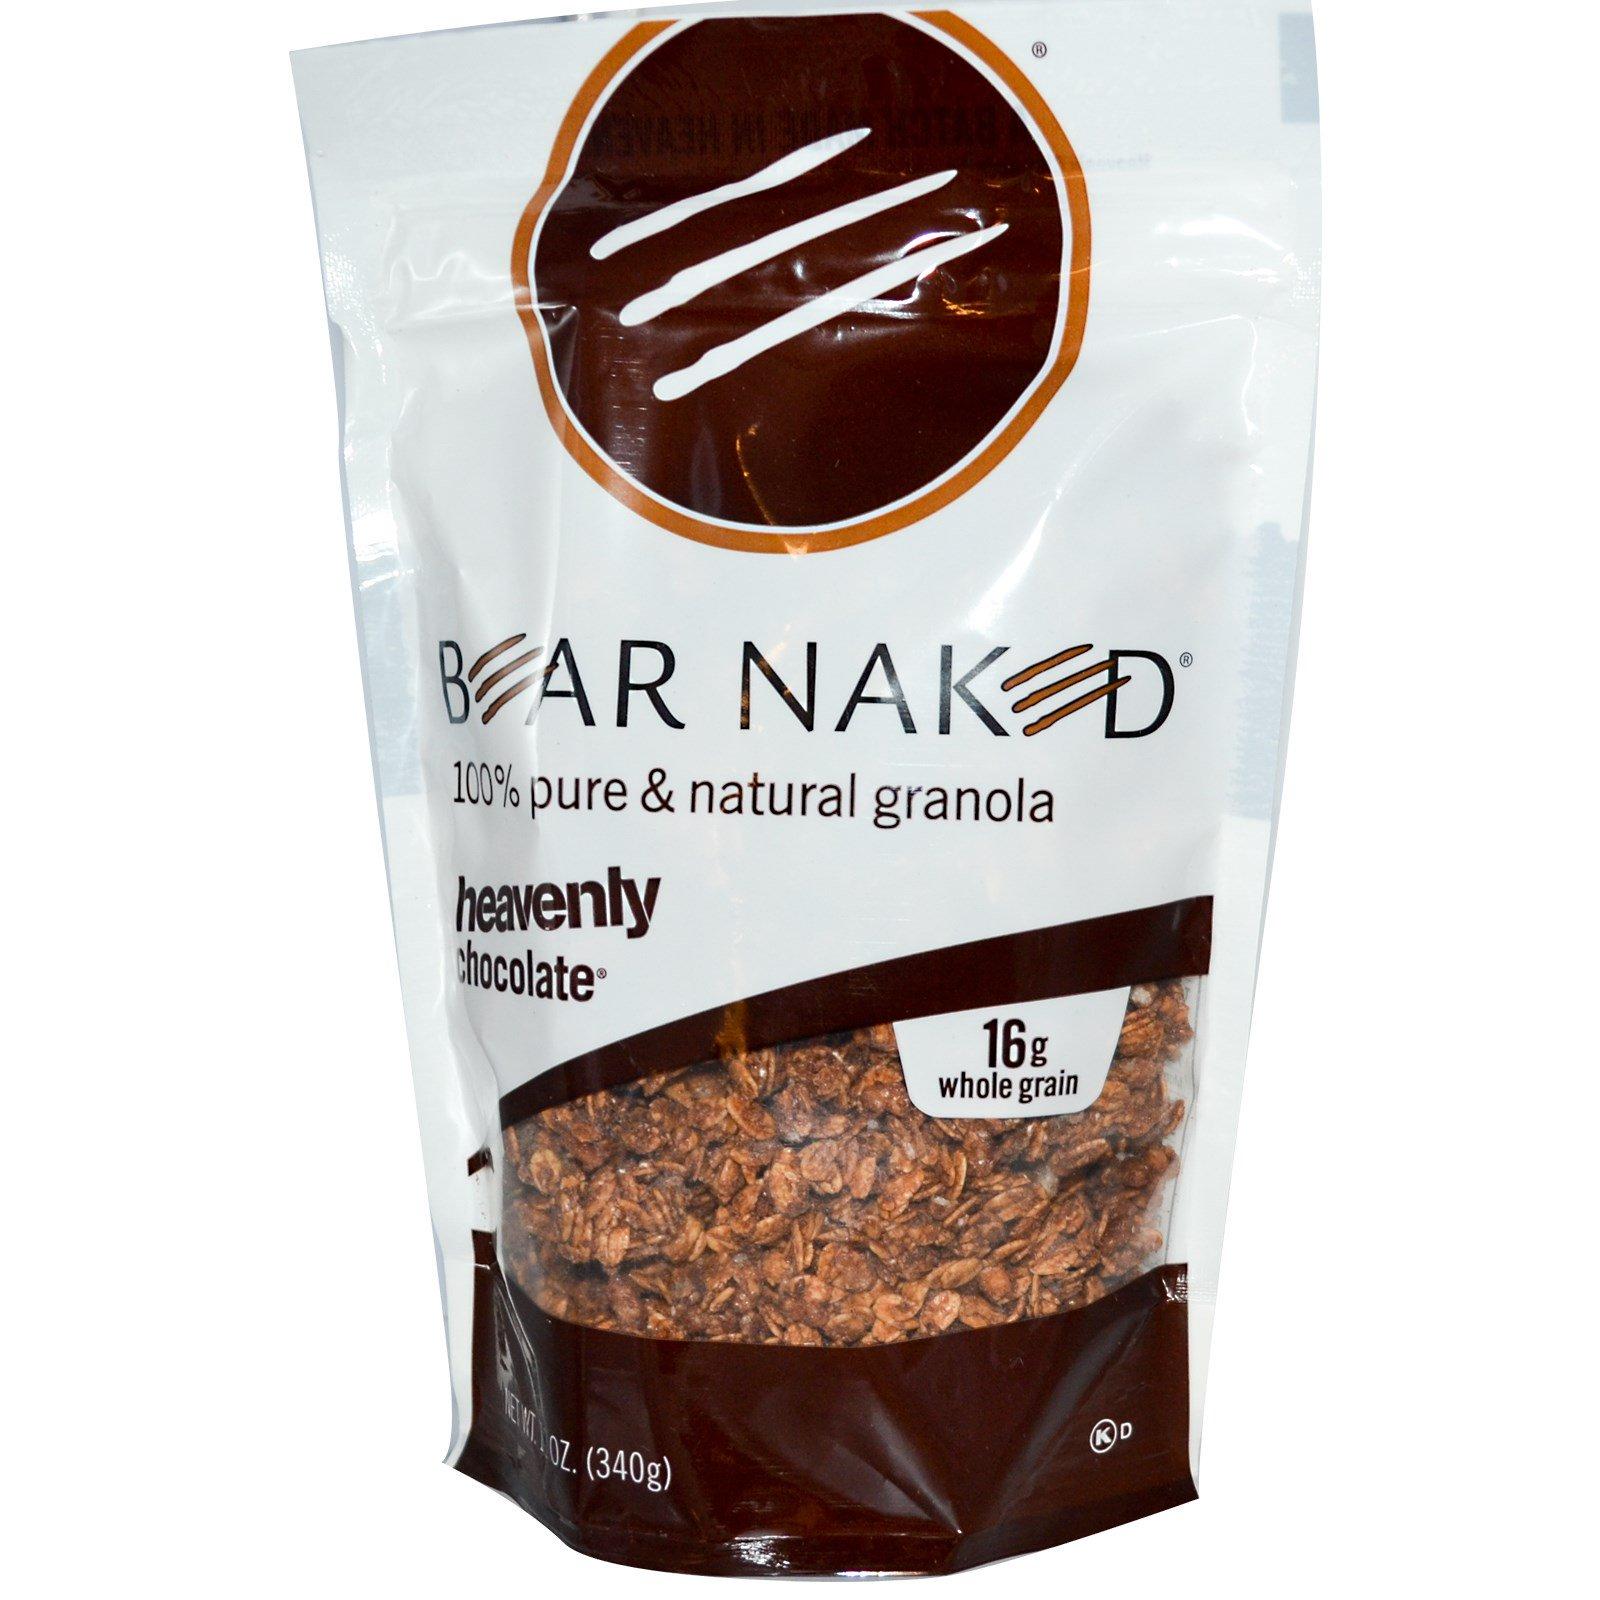 Bear Naked, На 100% чистая и природная гранола, божественный шоколад, 12 унций (340 г)